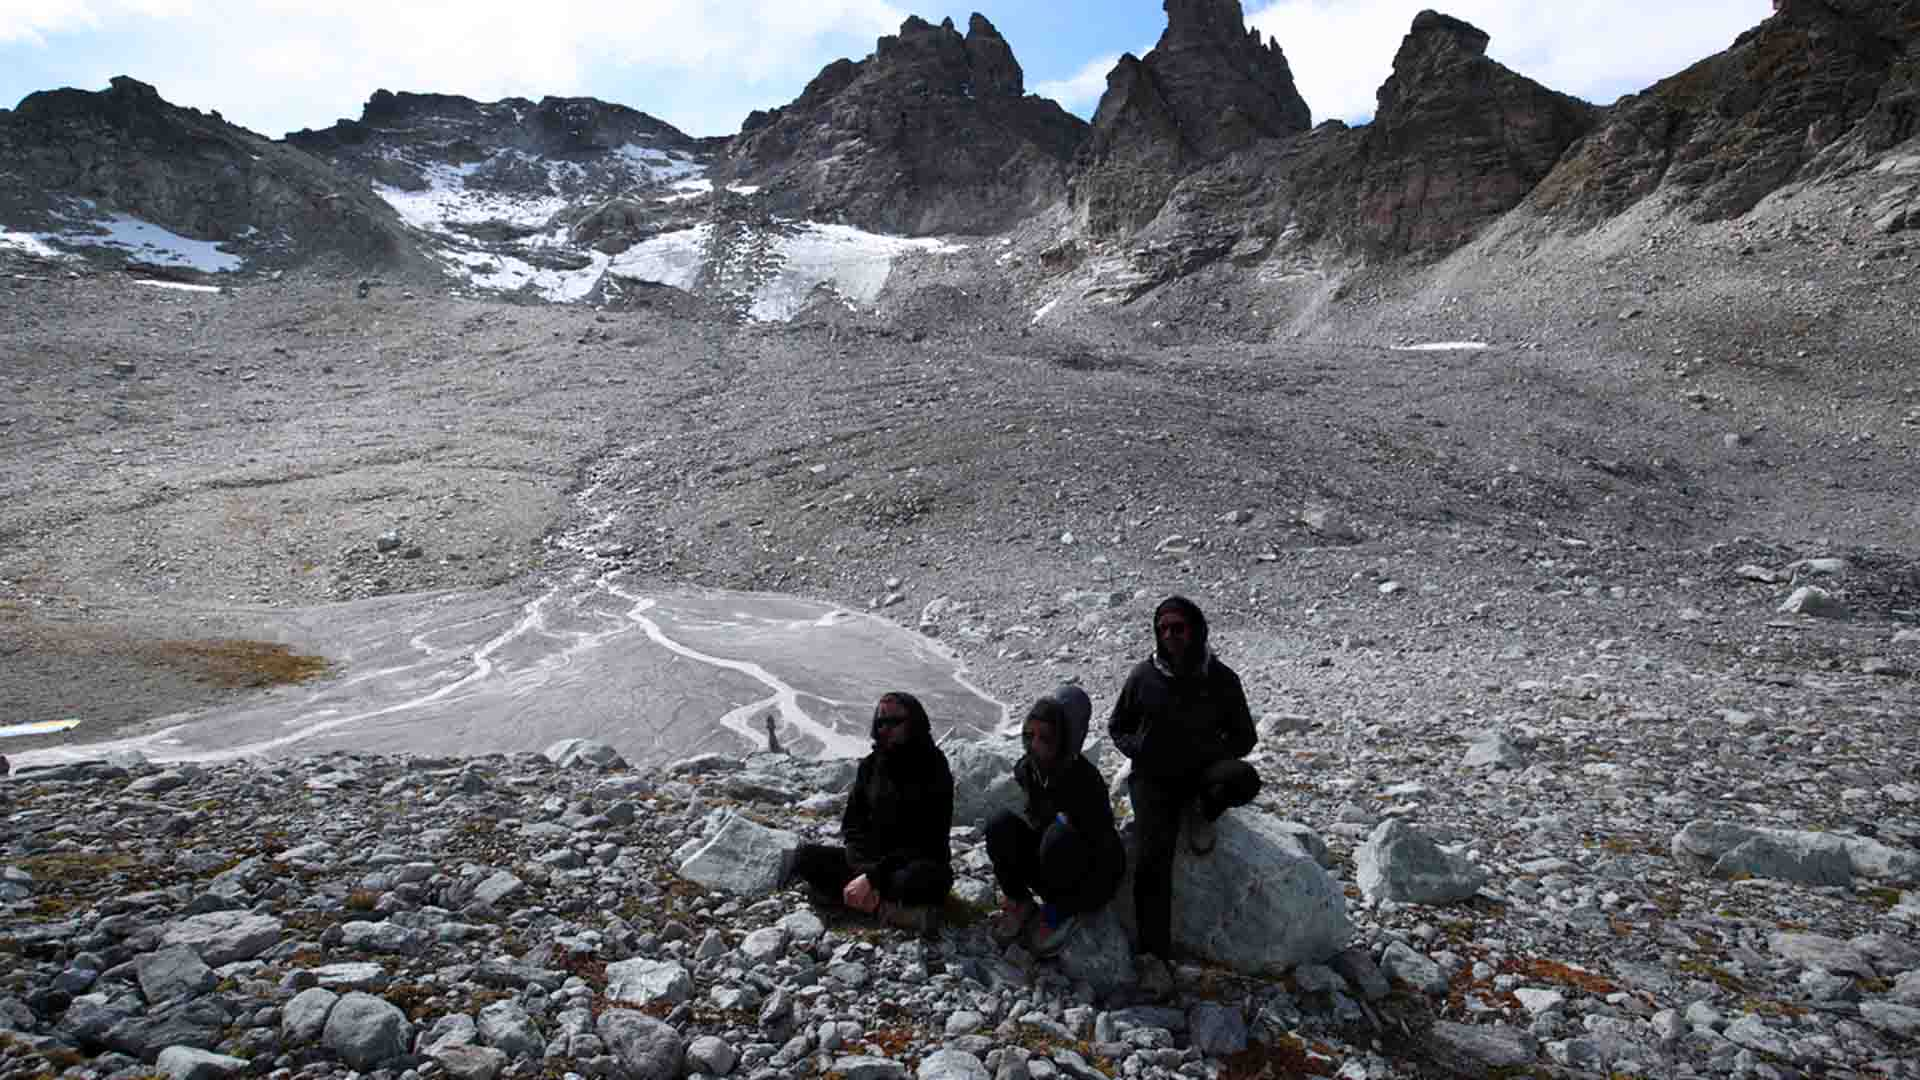 Il ghiacciaio Pizol dopo il funerale